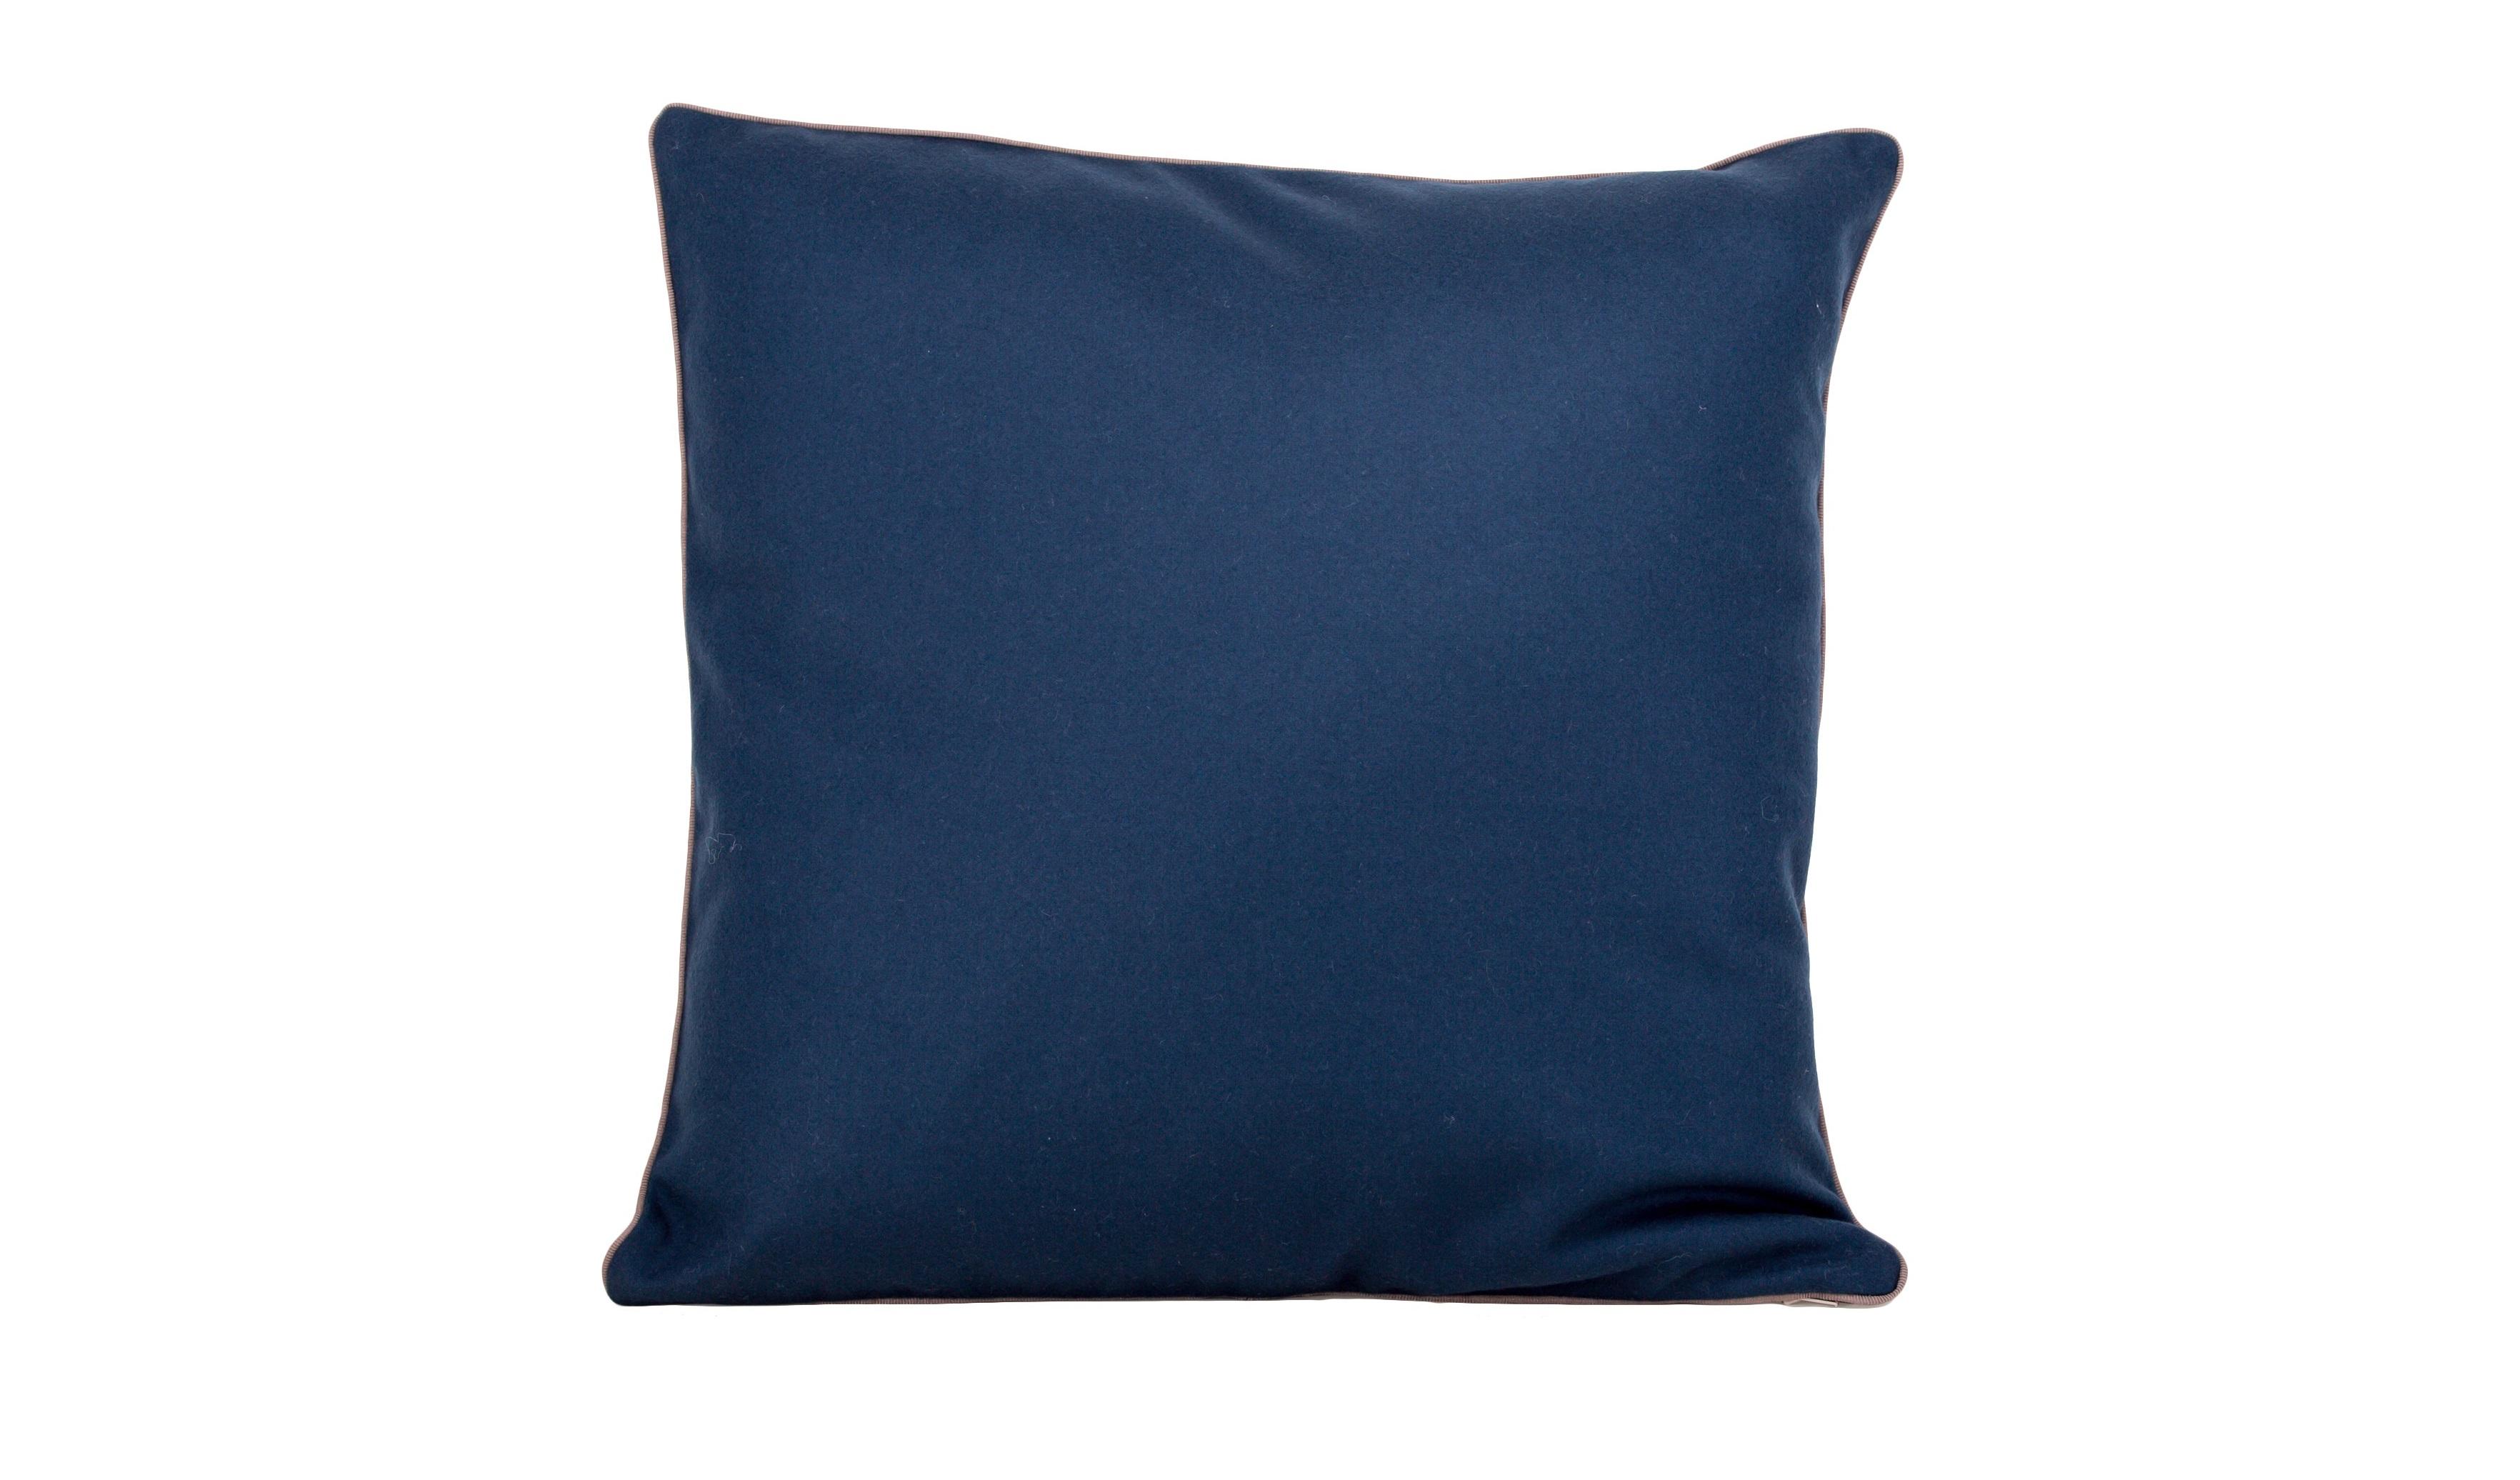 ПодушкаКвадратные подушки<br>Декоративные чехлы для подушек. Лицевая часть из шерсти, обратная сторона из льна. Цвет: однотонный темно-синий.<br><br>Material: Текстиль<br>Width см: 45<br>Height см: 45